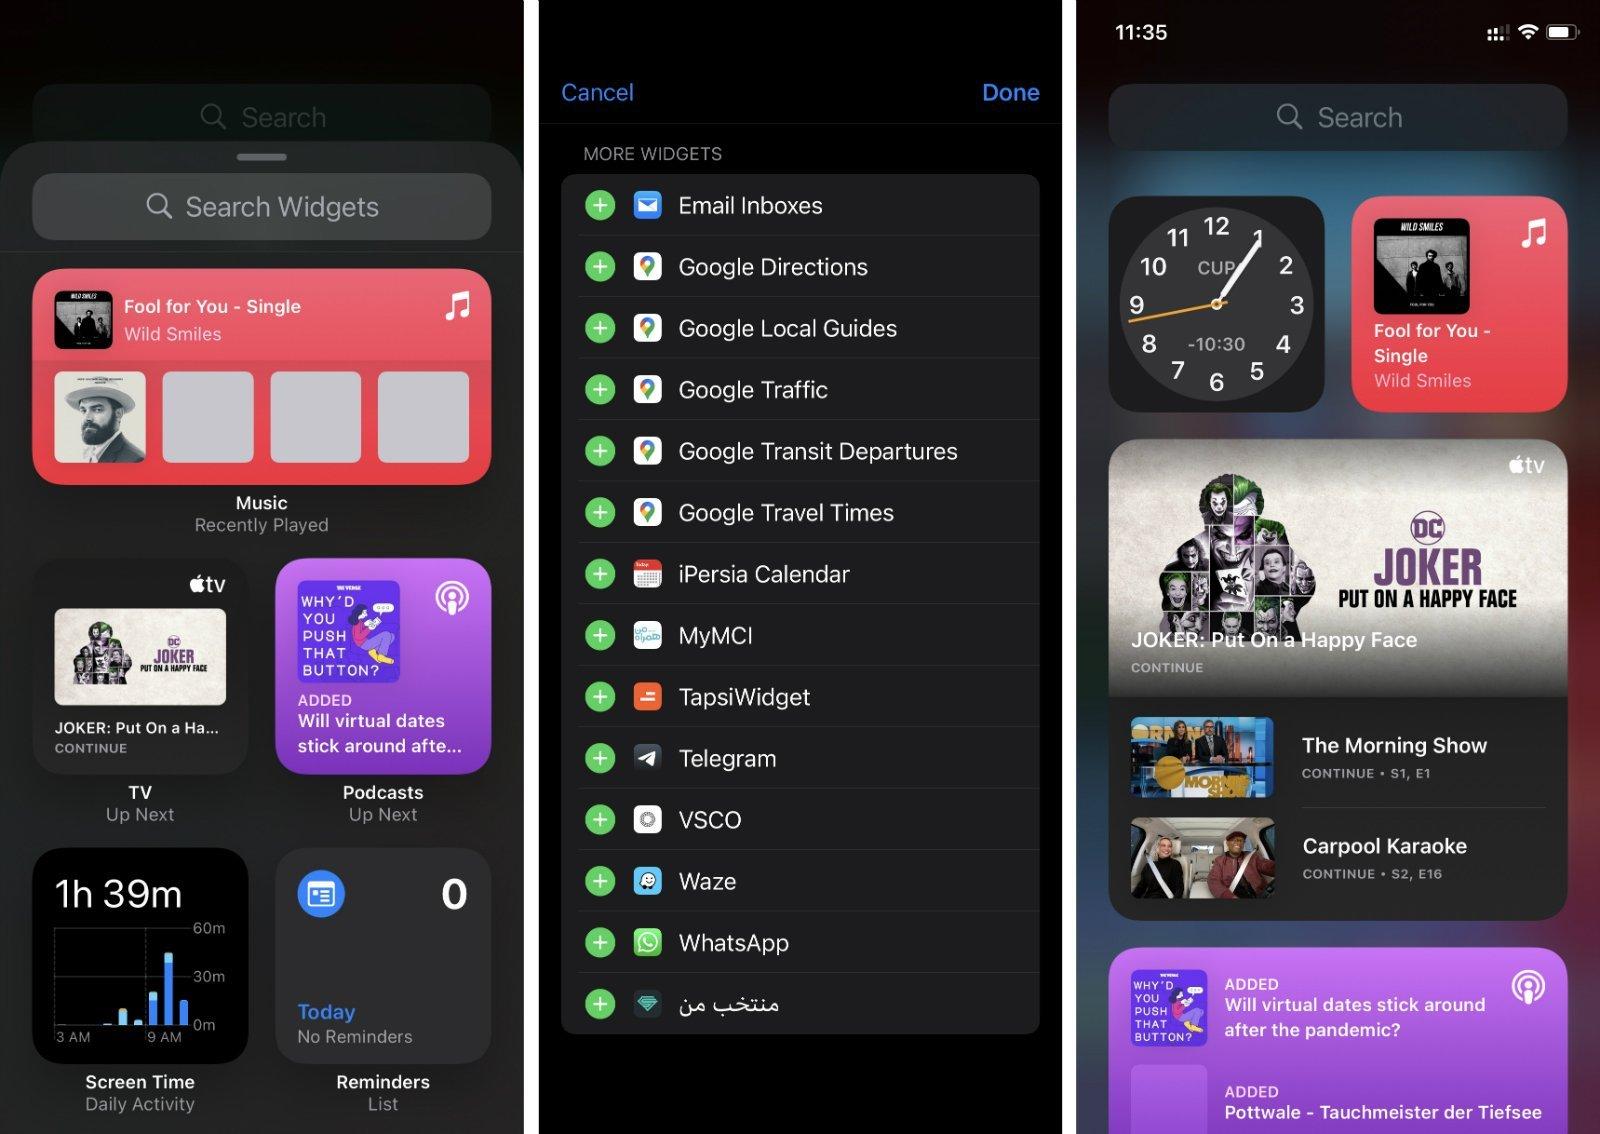 iOS 14 1 بررسی آیفون ۱۲ پرو؛ گذشته و آینده در یک قاب [تماشا کنید] اخبار IT